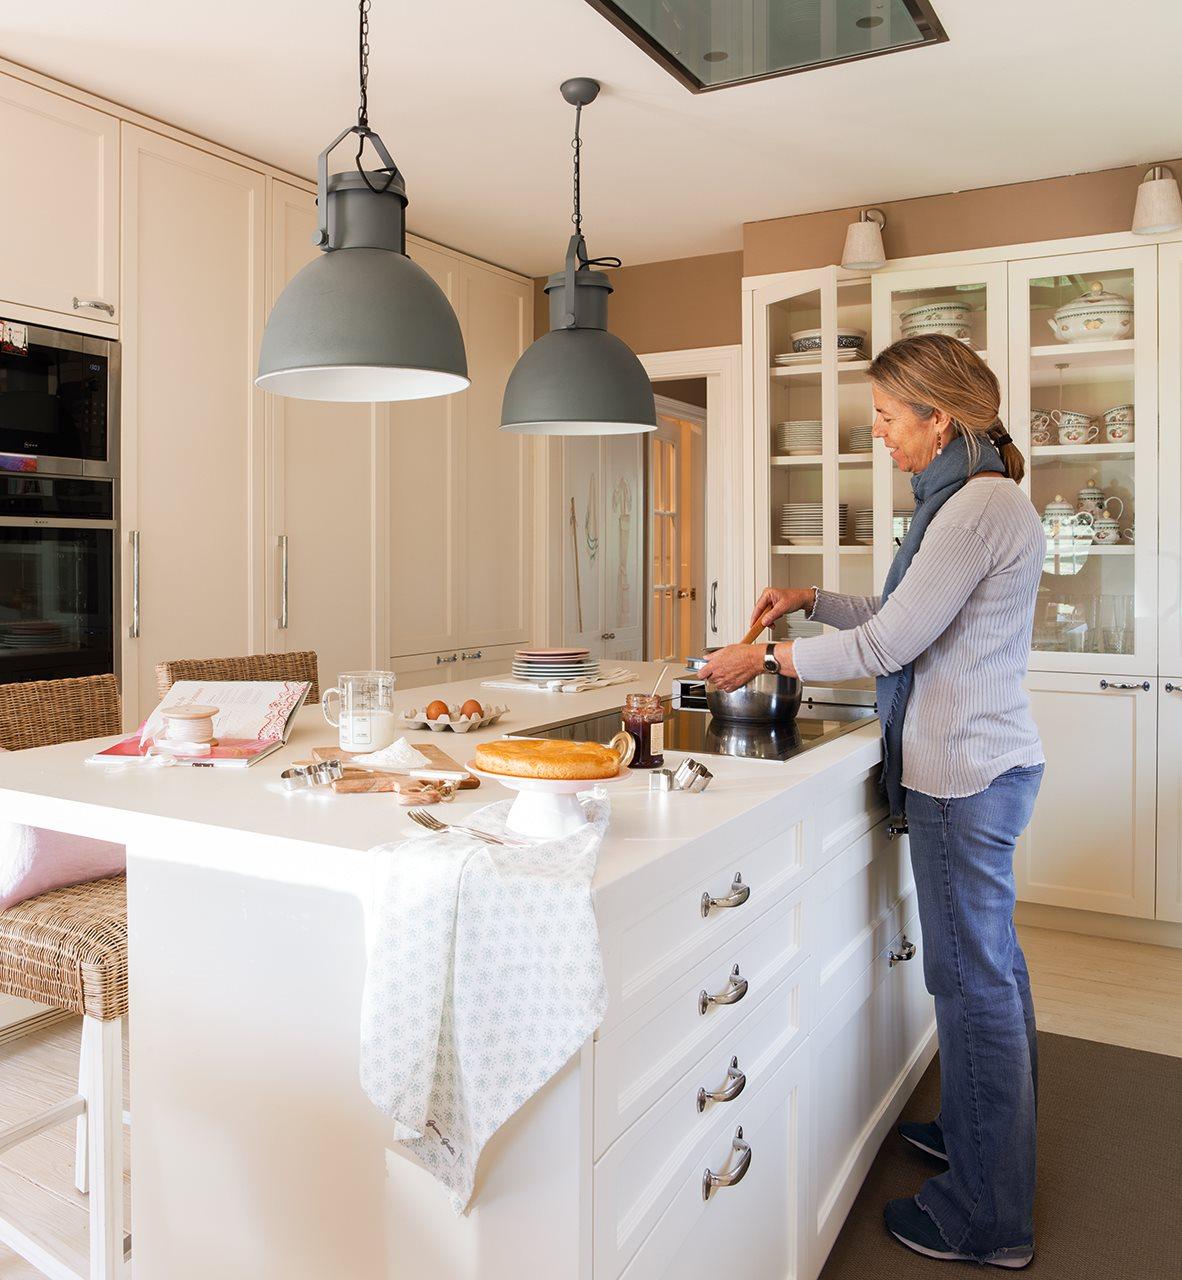 Una casa de inspiraci n estadounidense - La casa de las cocinas sevilla ...